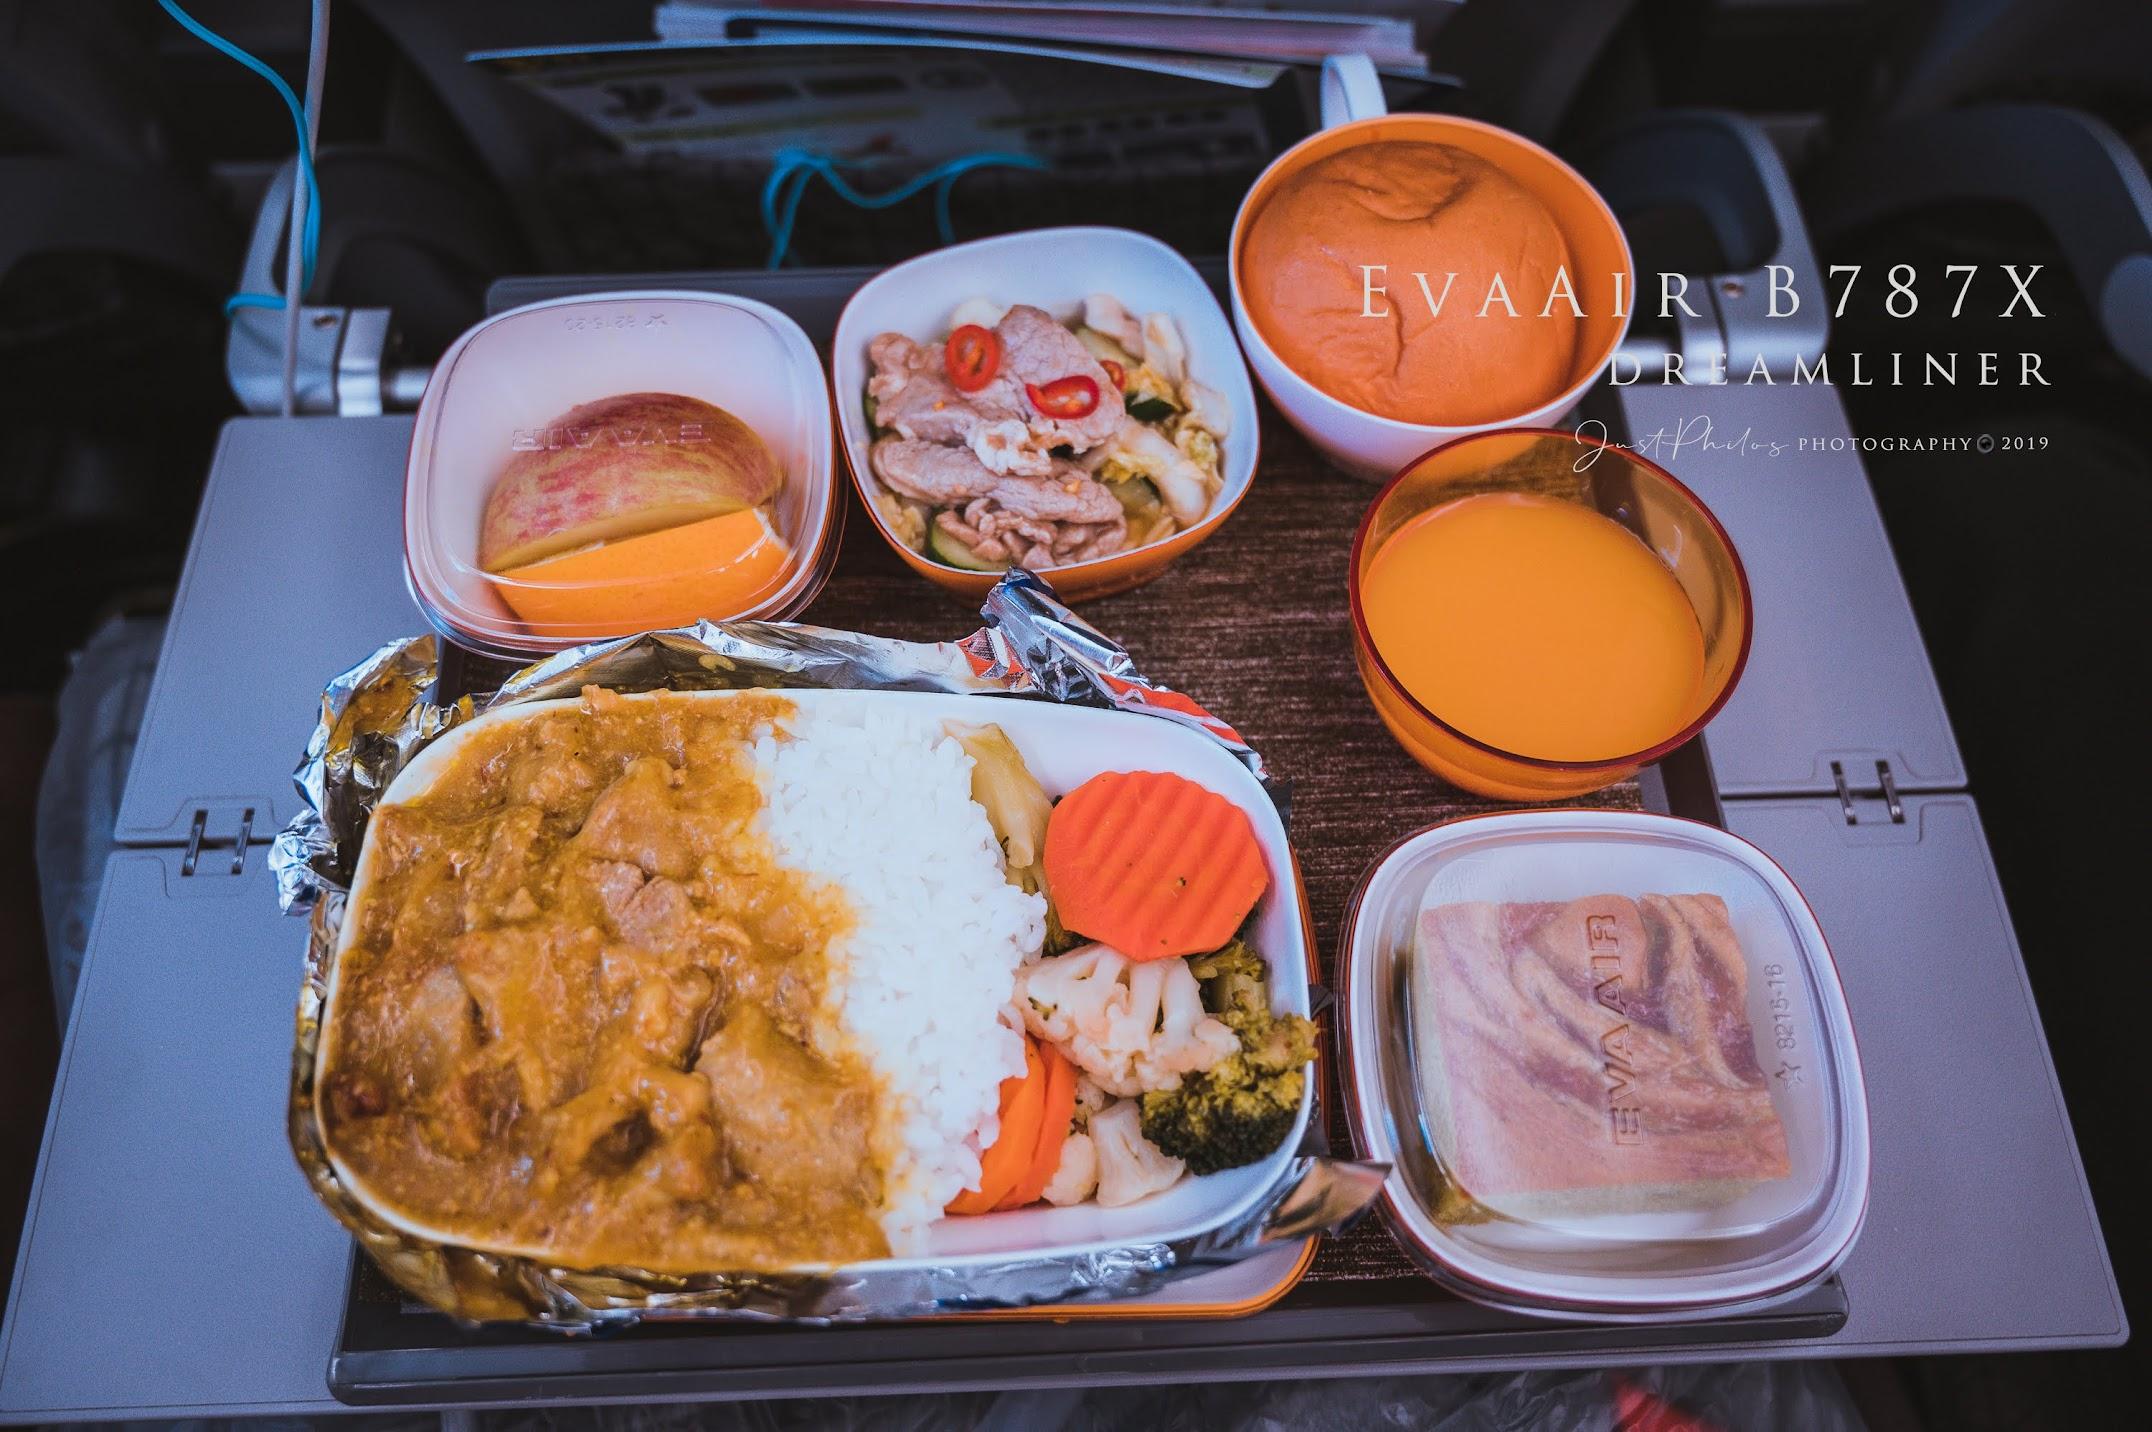 去程的空餐提供兩種選擇,我選擇了咖哩雞肉飯,長榮的空餐如印象中還是在一定的水準之上。